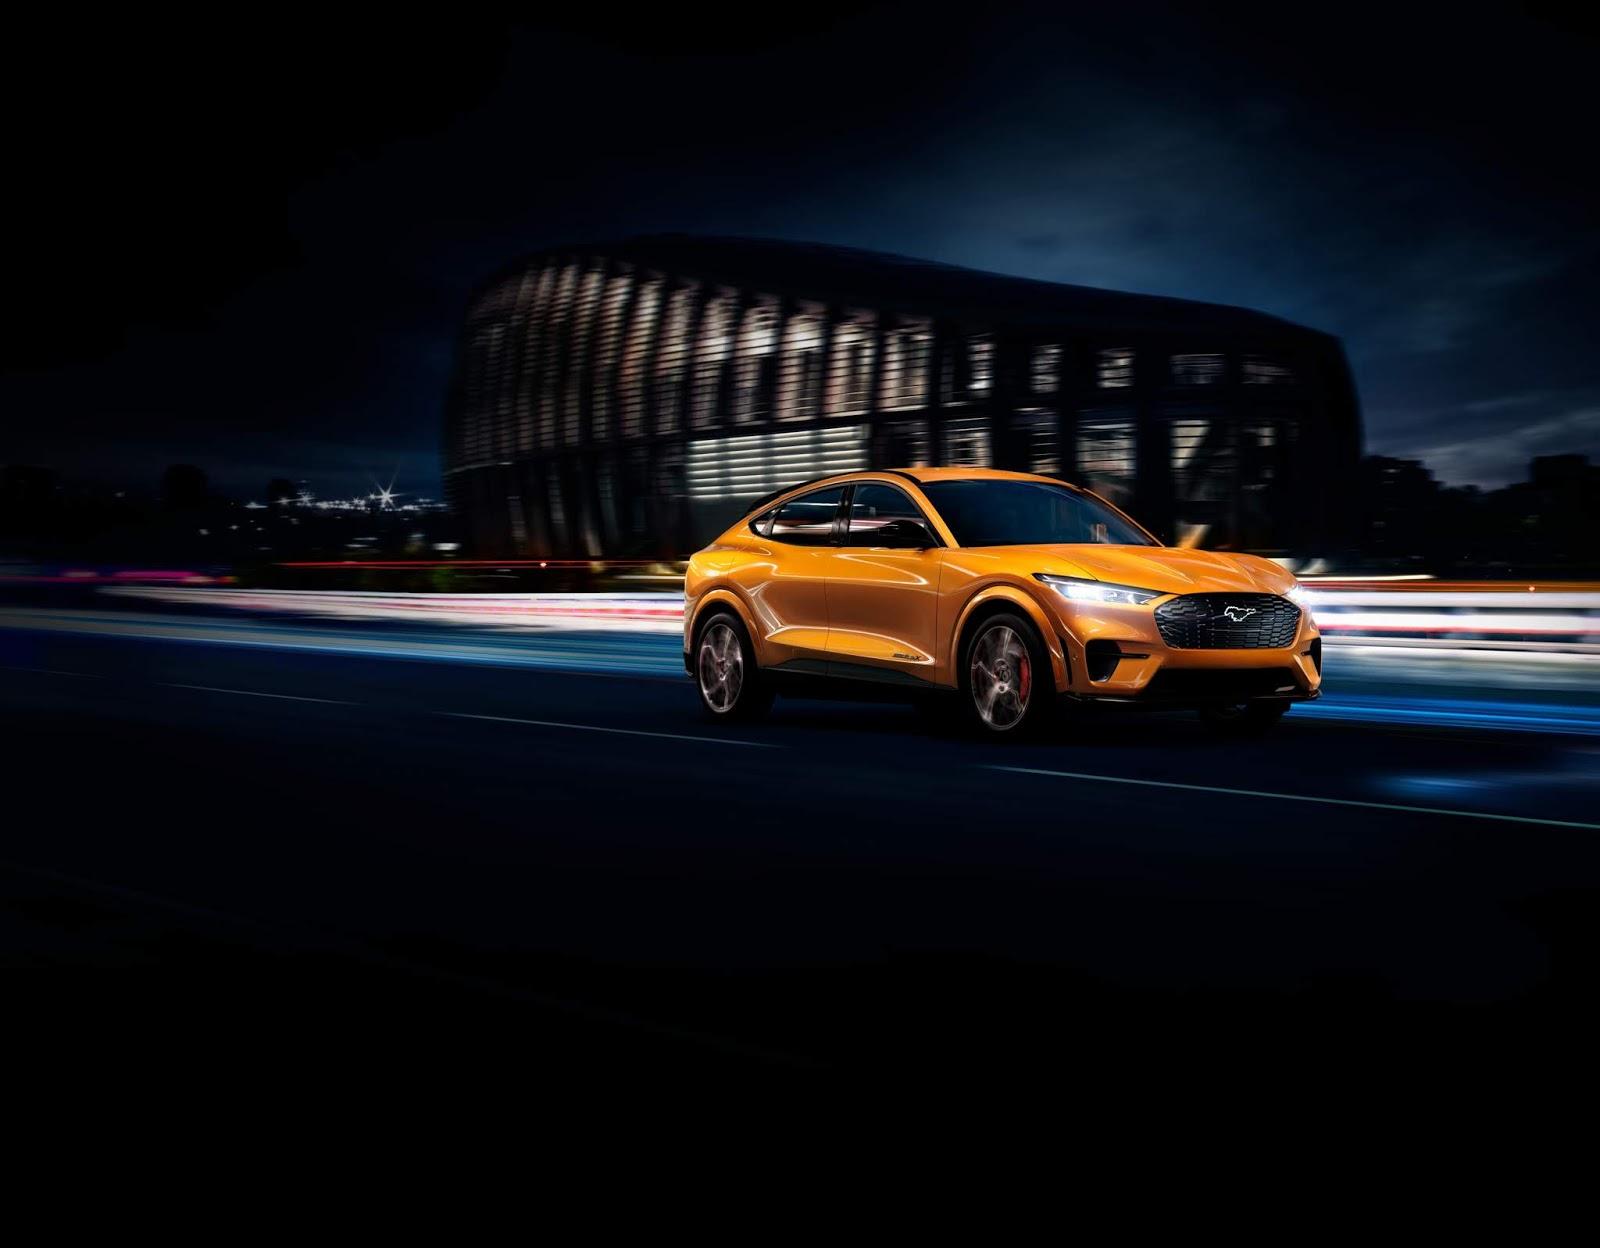 Ford ofrecerá el color Cyber Orange en el Mustang Mach-E GT